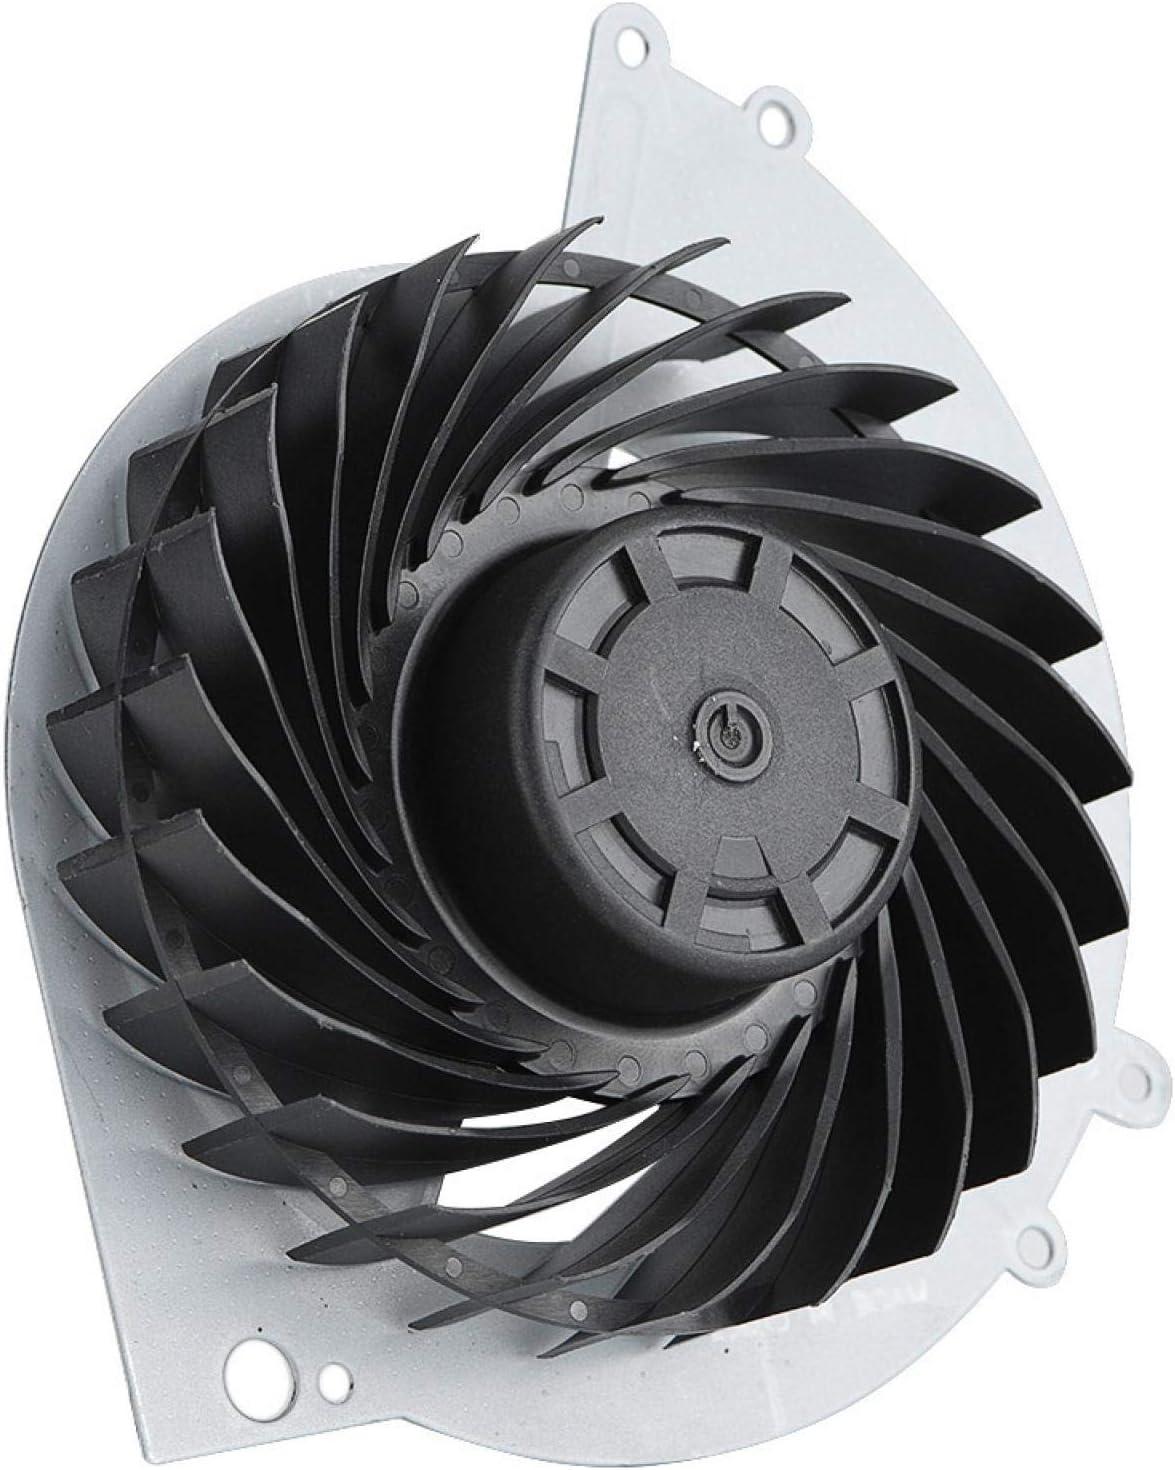 Agatige Reparación de Reemplazo de Ventilador de Refrigeración Interno para PS4 CUH-1000 CUH-1100 CUH-10XXA CUH-11XXA CUH-1115A 500GB, KSB0912HE DC12V